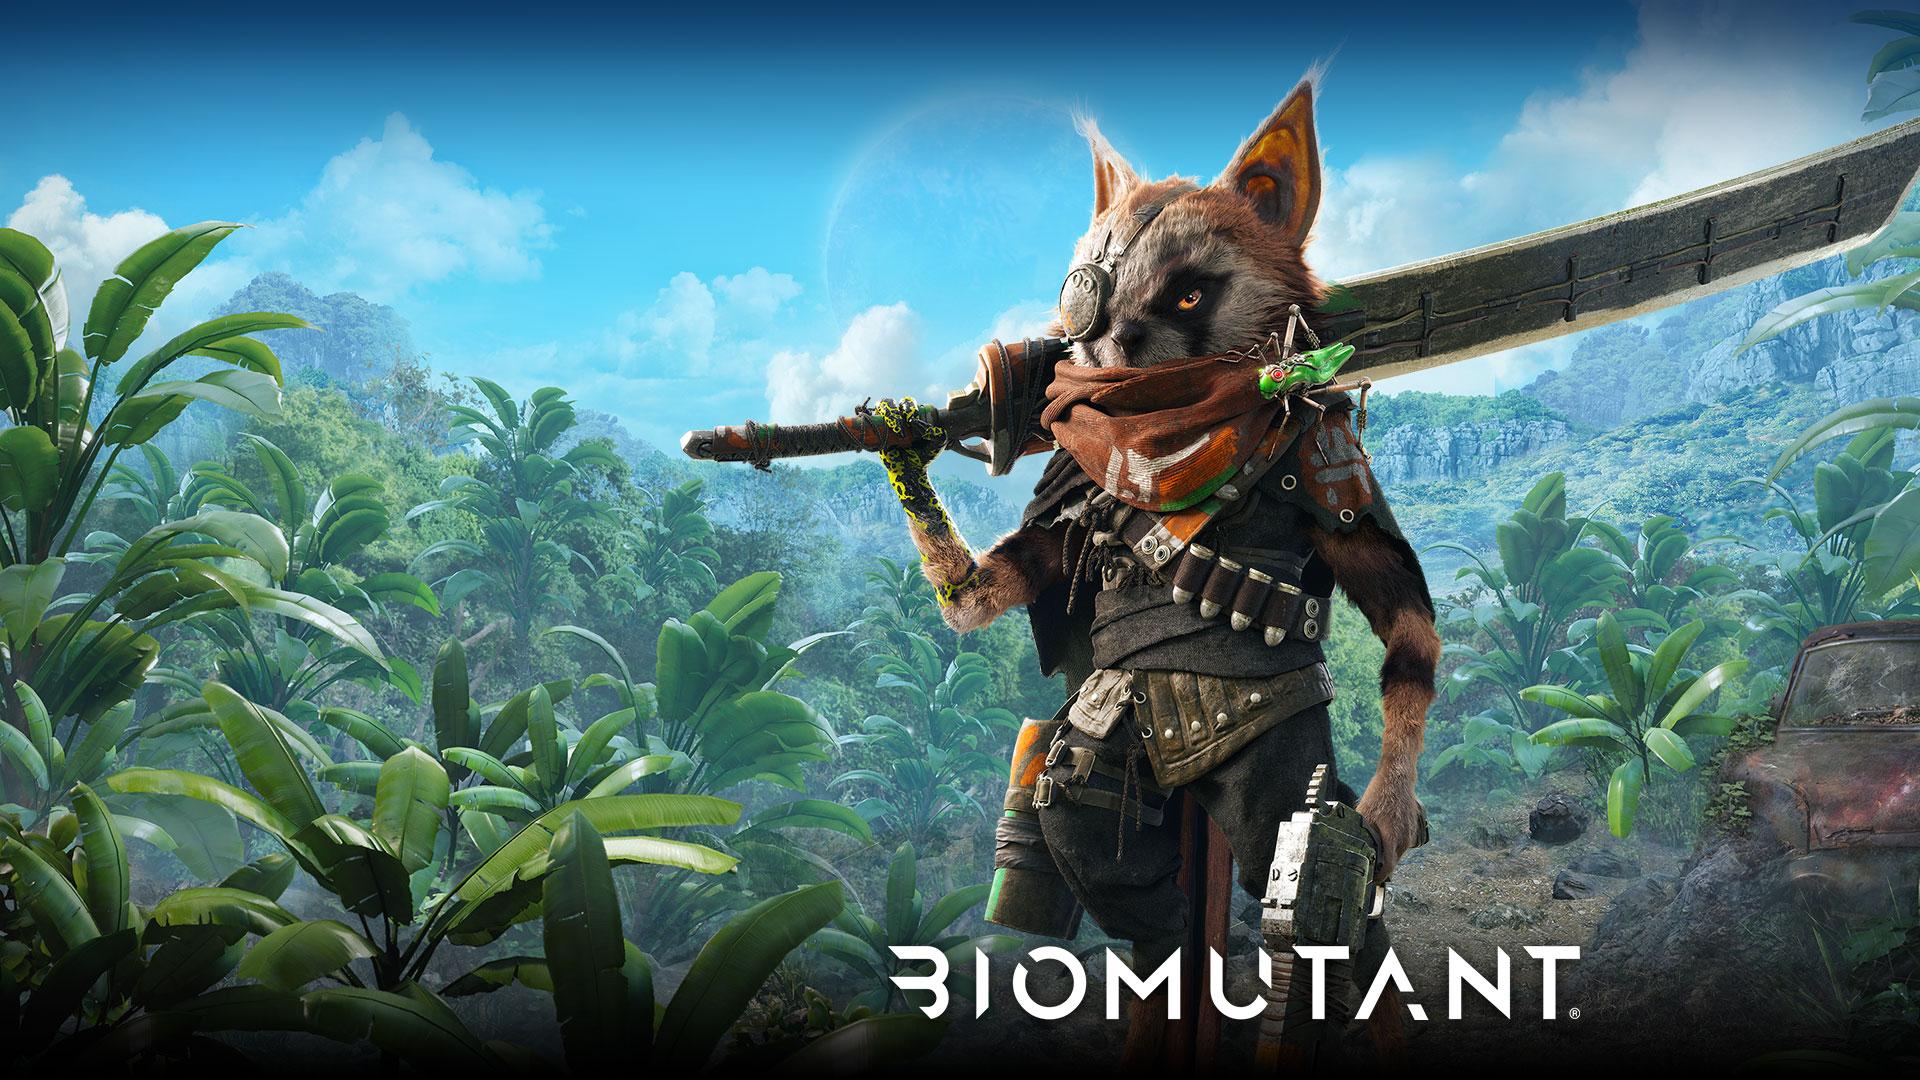 Biomutant, una criatura mapache mutada parada en una jungla con una gran espada y una pistola.